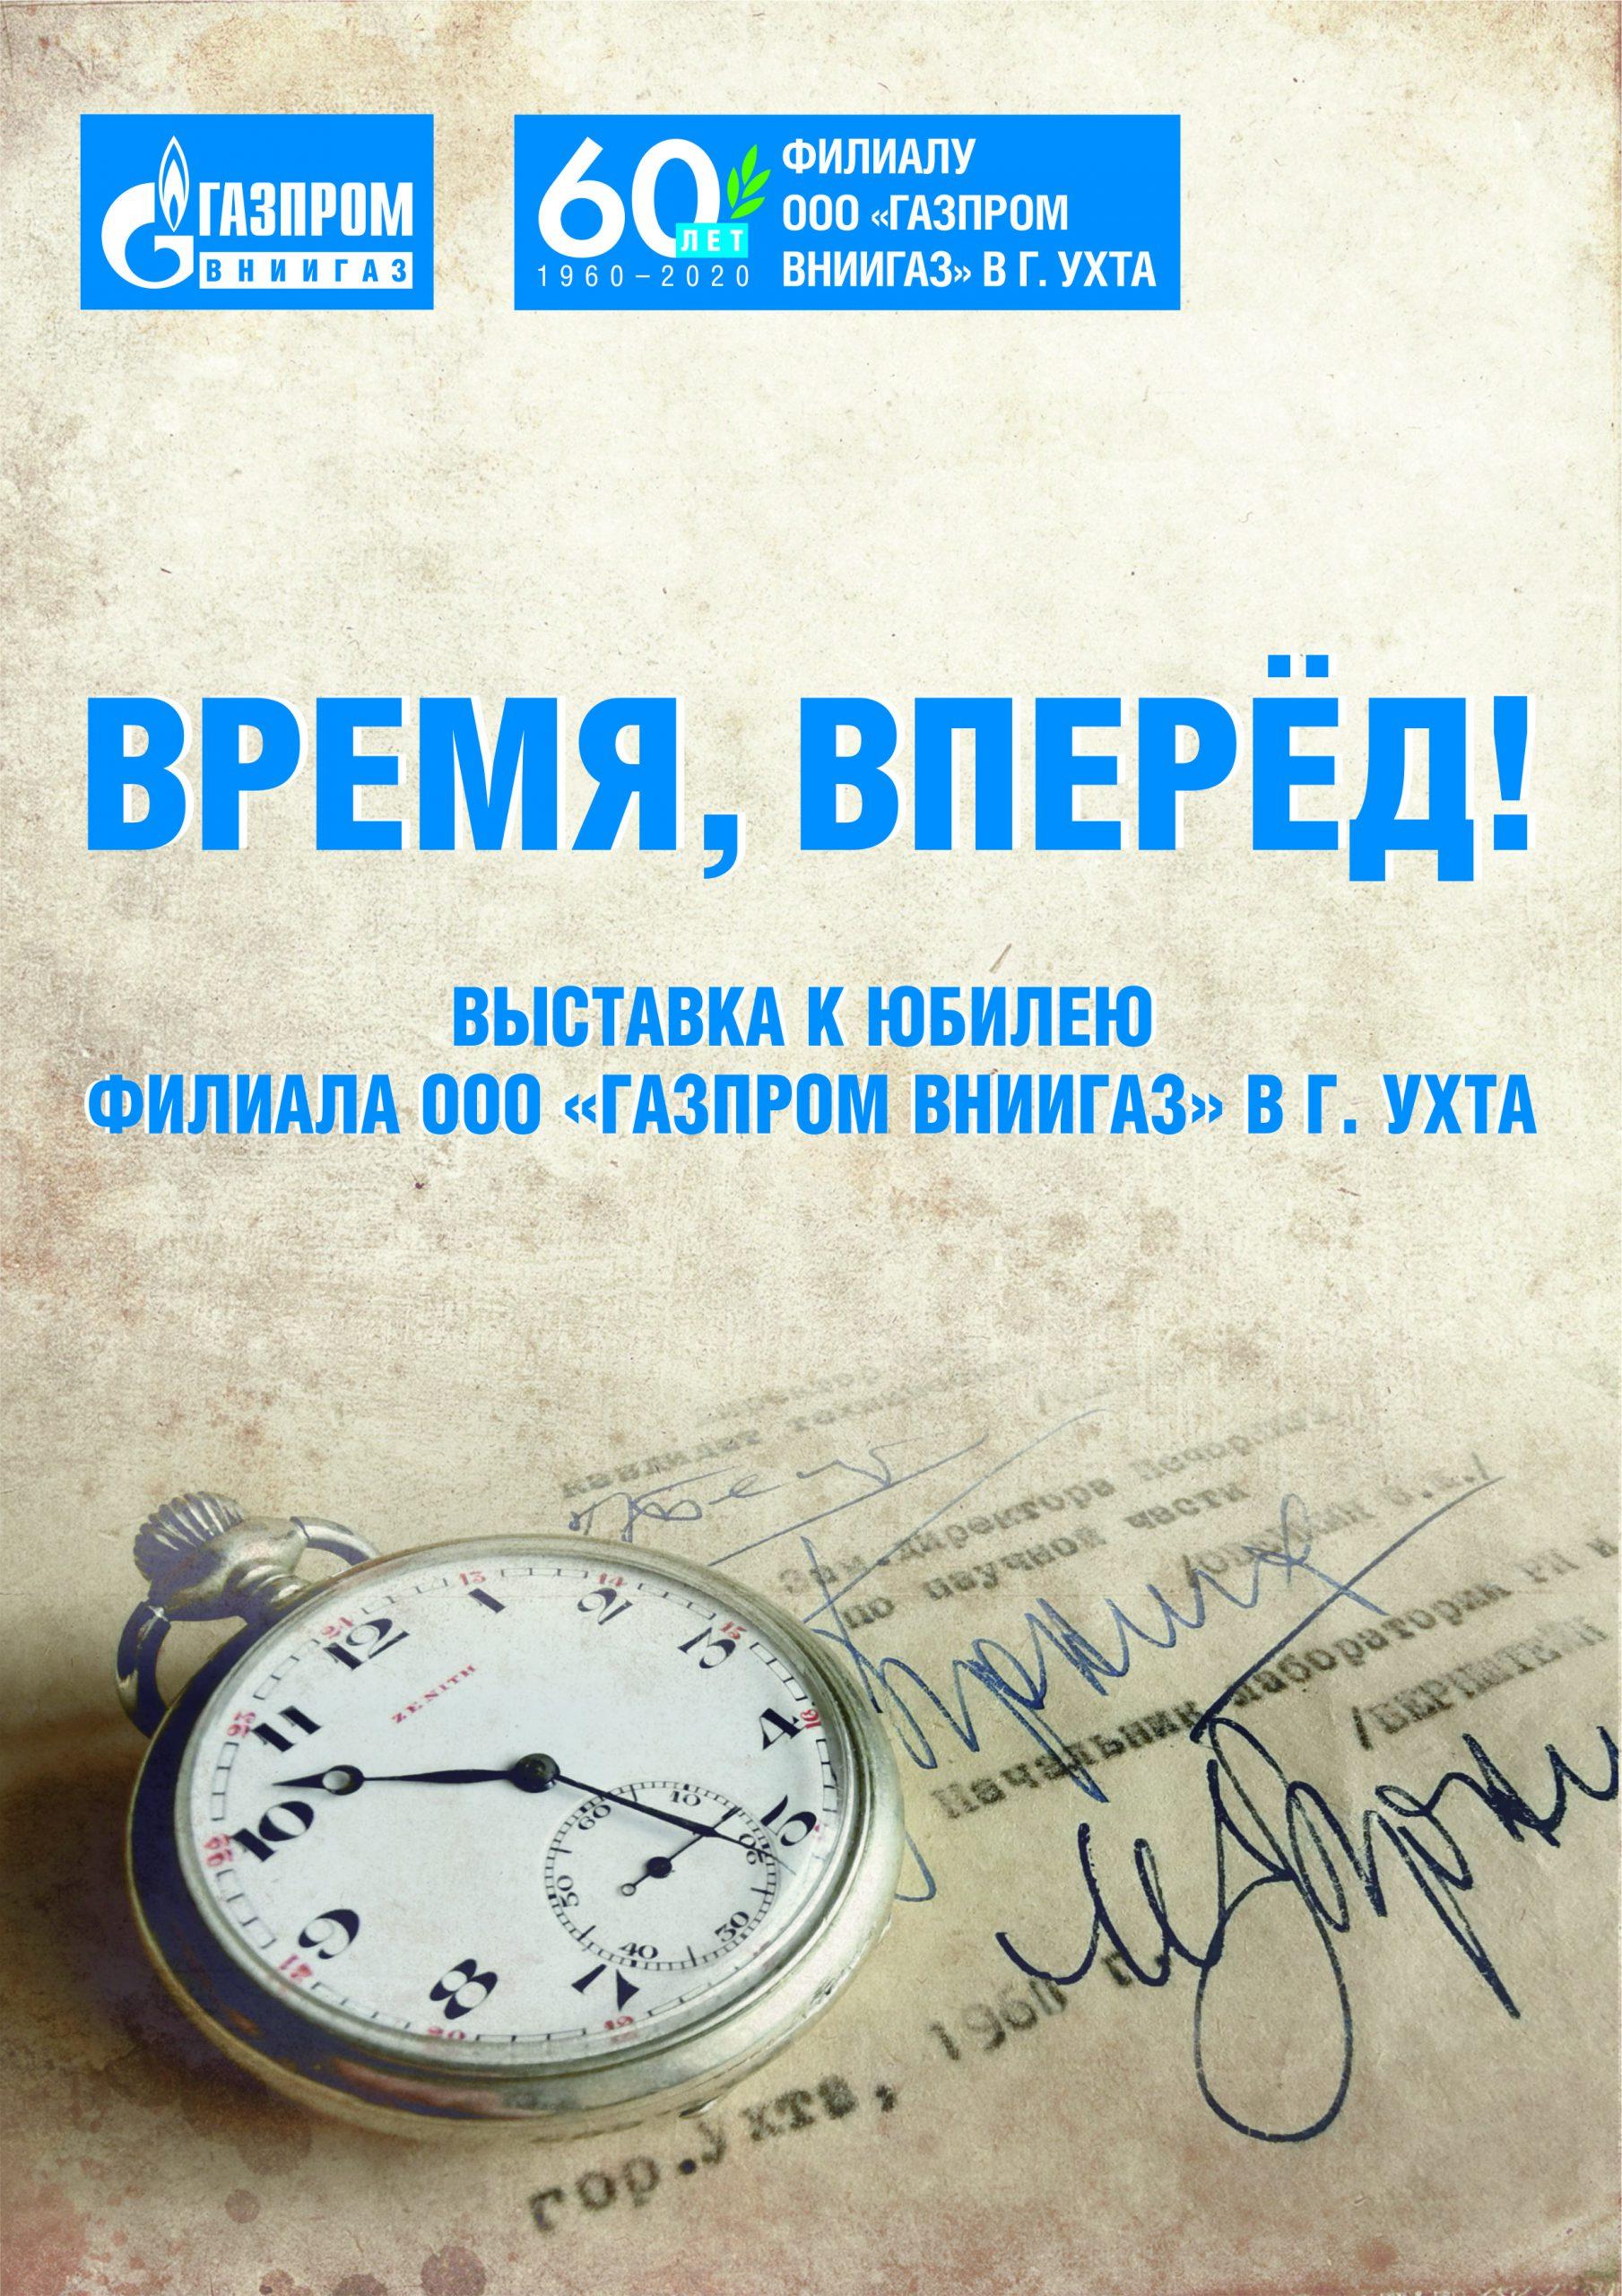 Выставка ВНИИГАЗ 2020